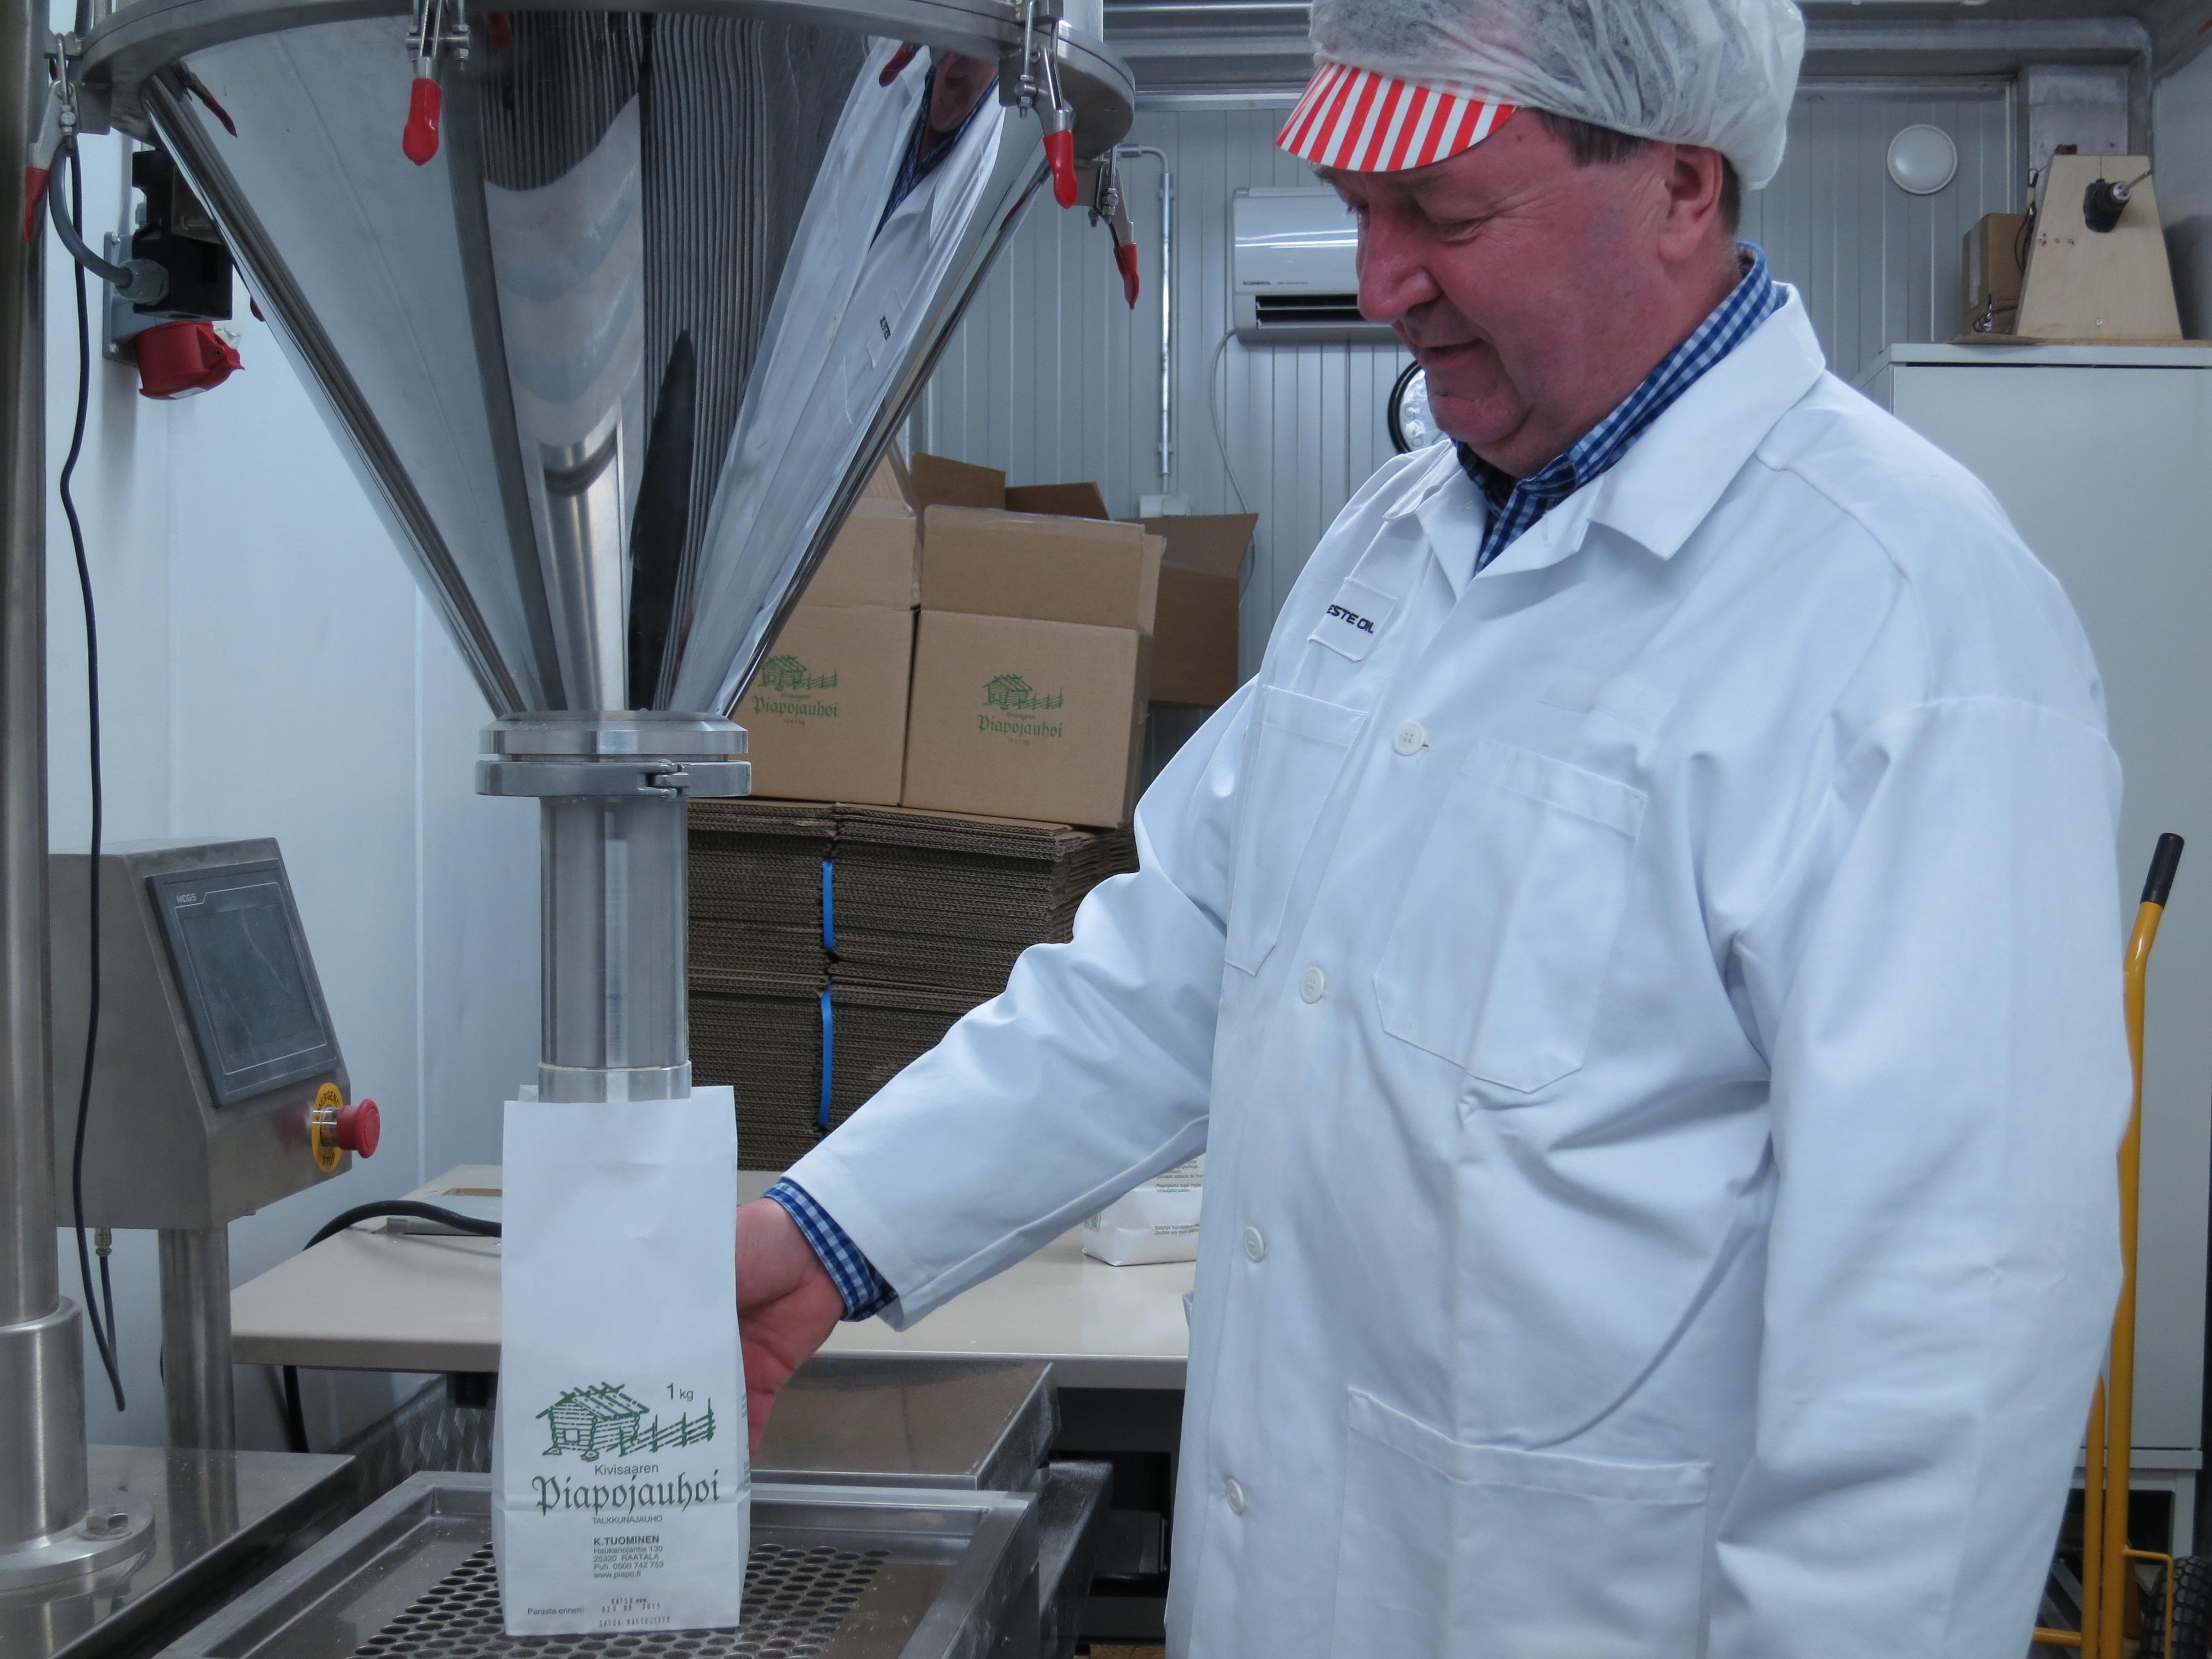 Piapojauhojen valmistaja Kari Tuominen esittelee upouudet tuotantotilat.